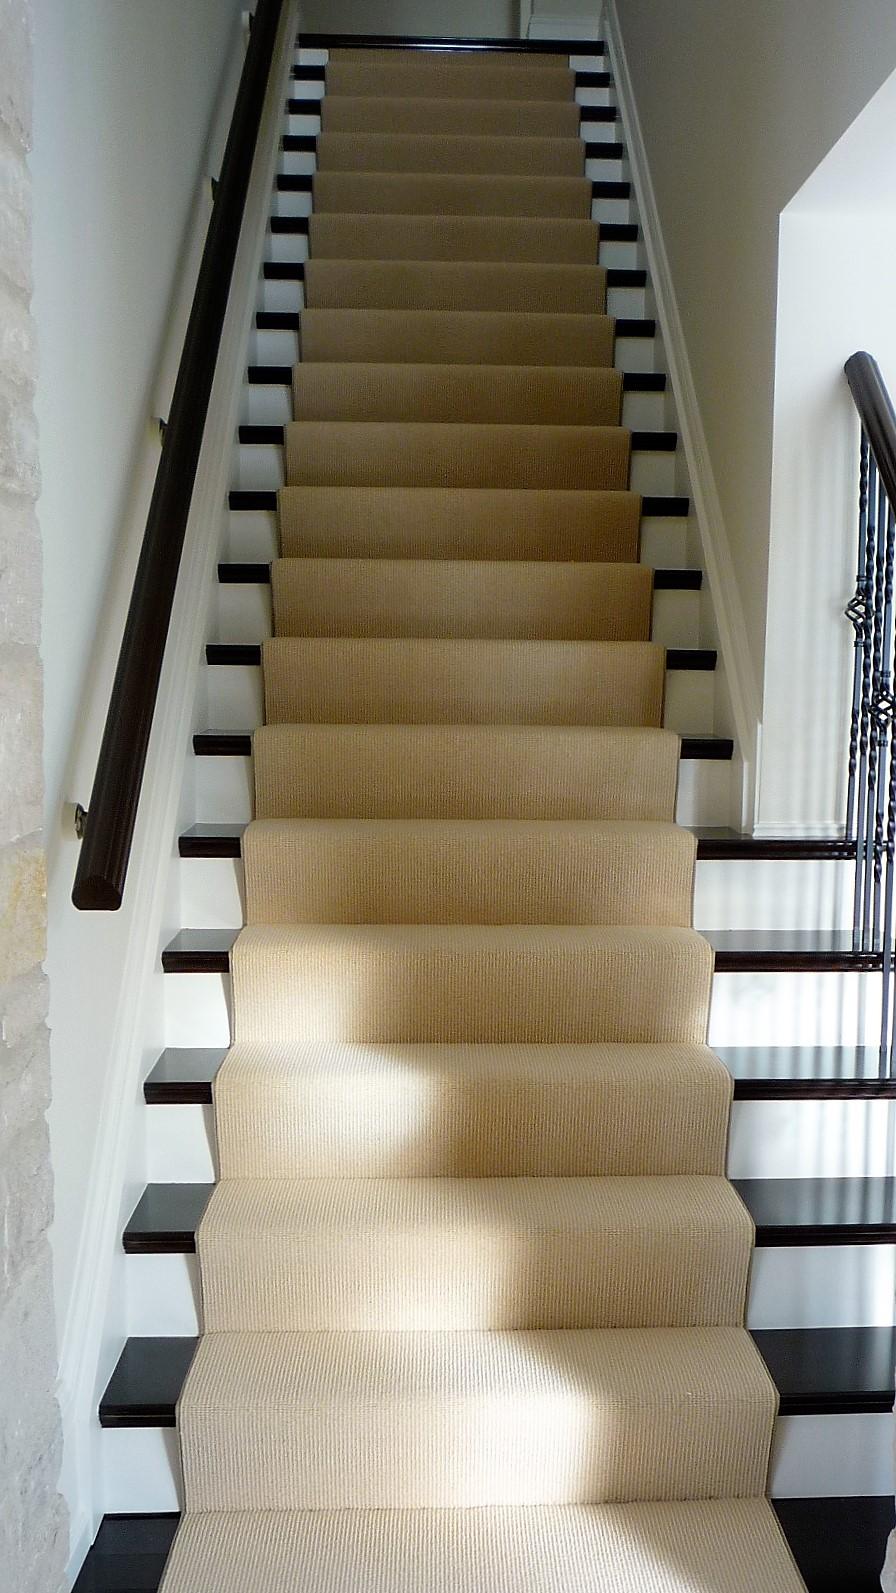 Living area hardwood staircase carpet runner.jpg